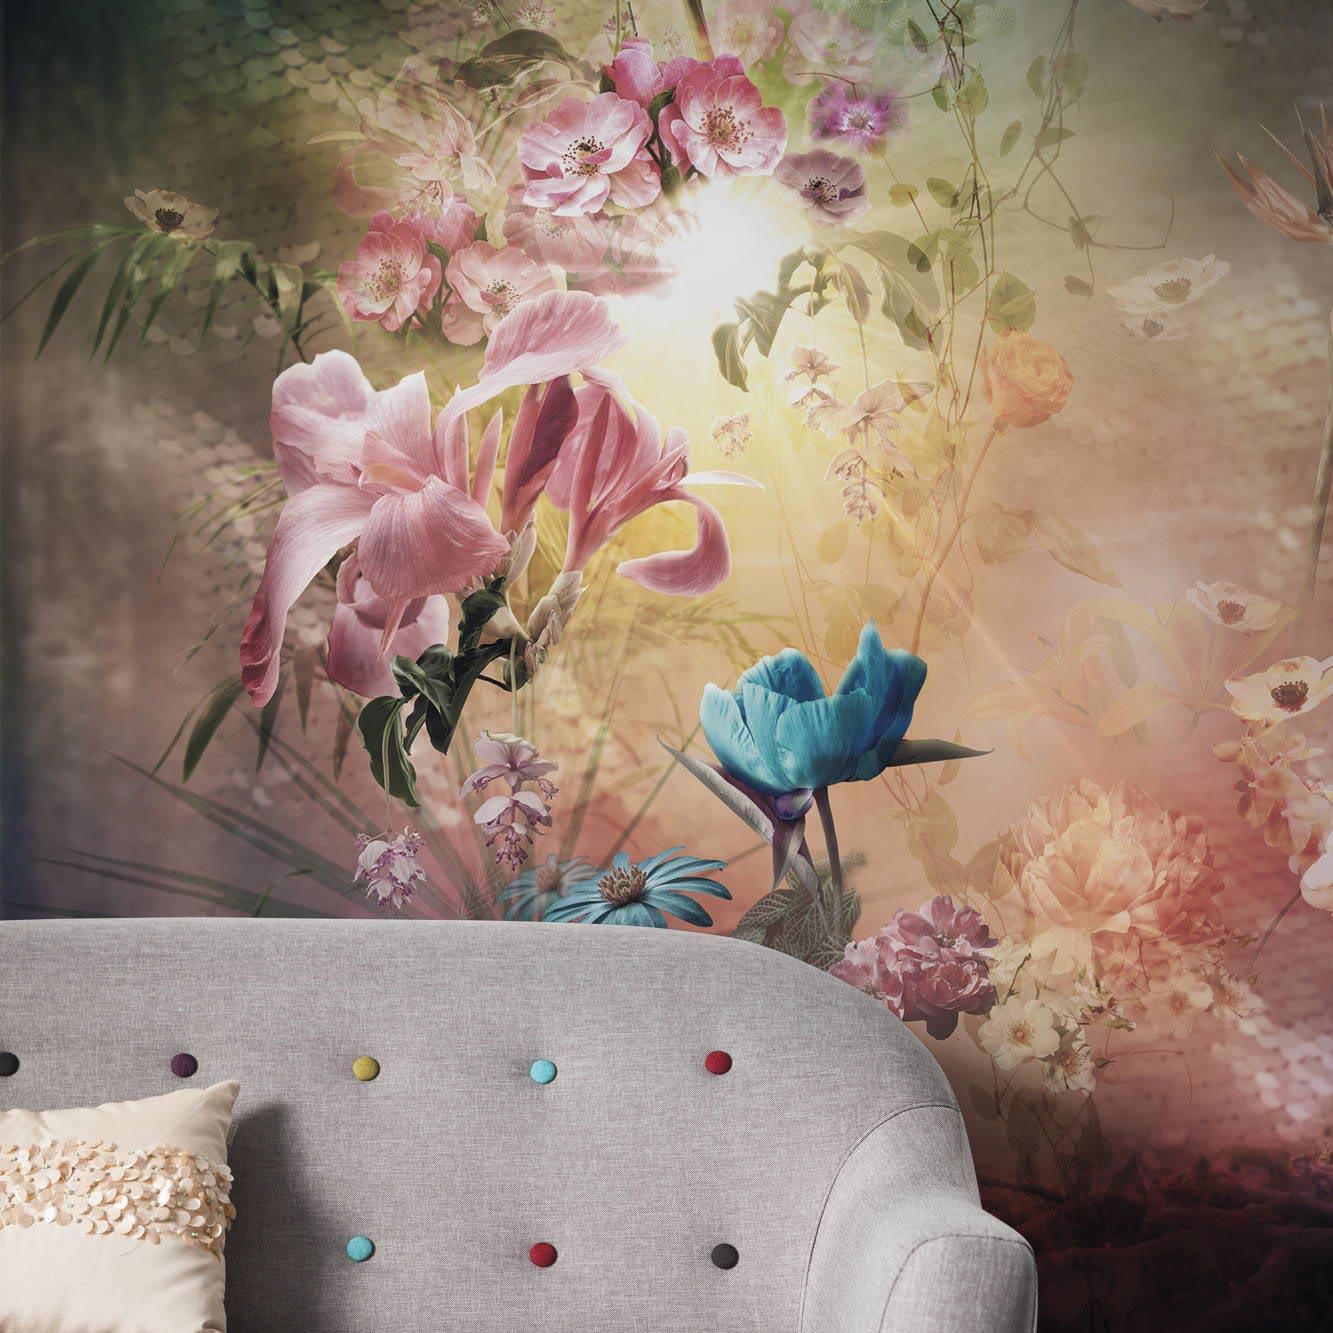 Tapete Schlafzimmer Romantisch # Goetics Com U003e Inspiration Design Raum Und  Möbel Für Ihre Wohnkultur